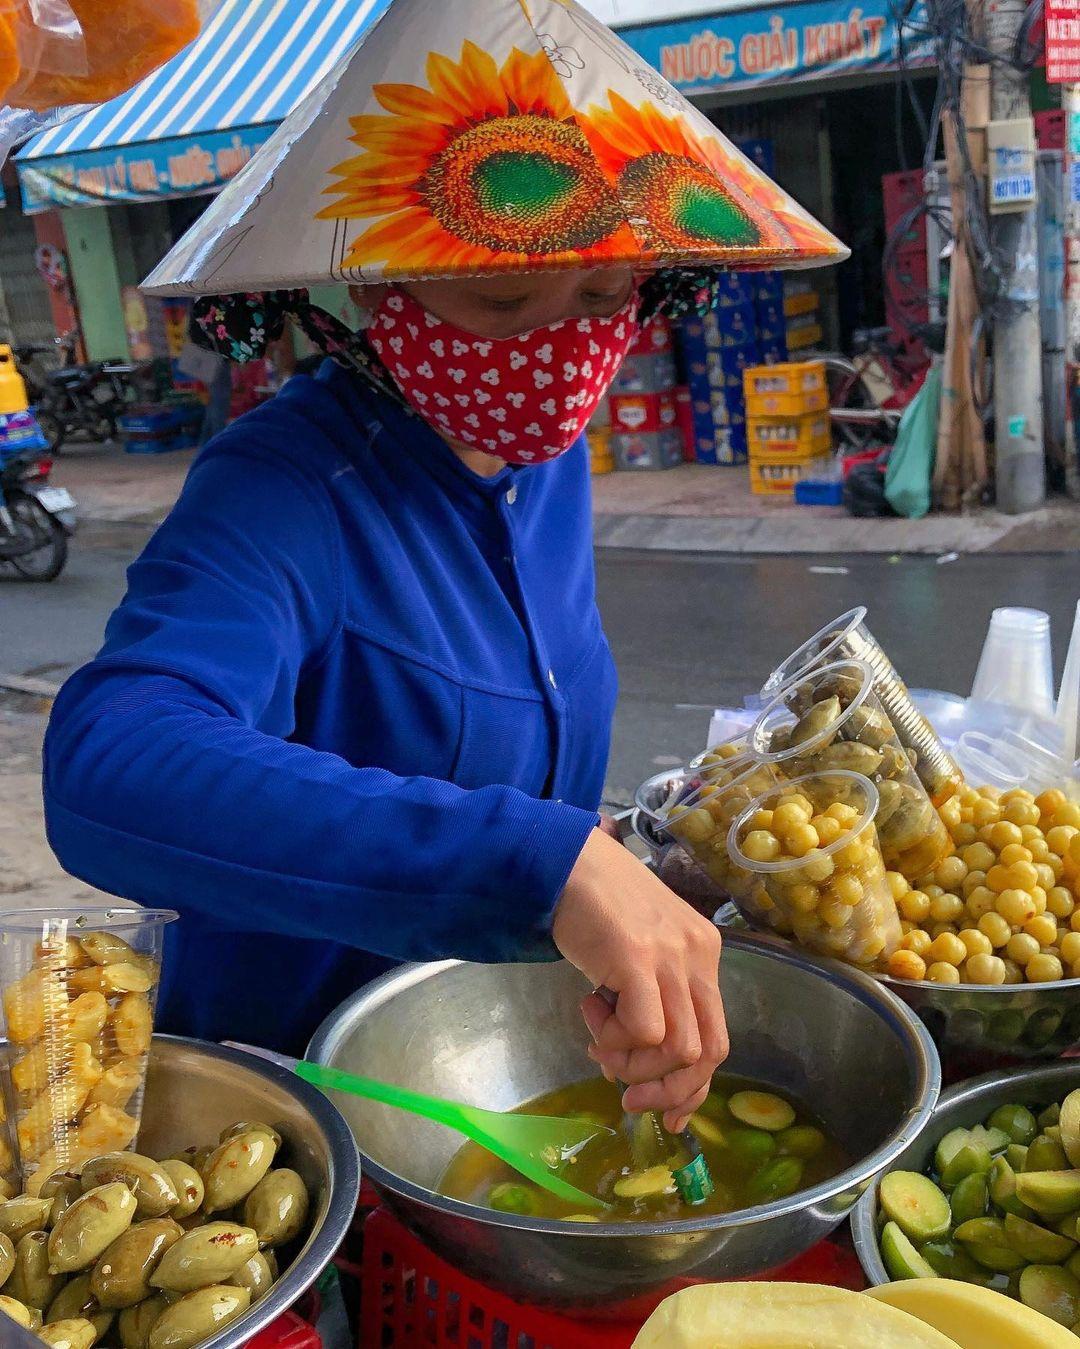 """Tp Hồ Chí Minh: Kỳ lạ, xe trái cây dạo 30 năm """"gây nghiện"""" với món lạ """"ổi luộc chấm mắm ruốc"""" - Ảnh 1."""